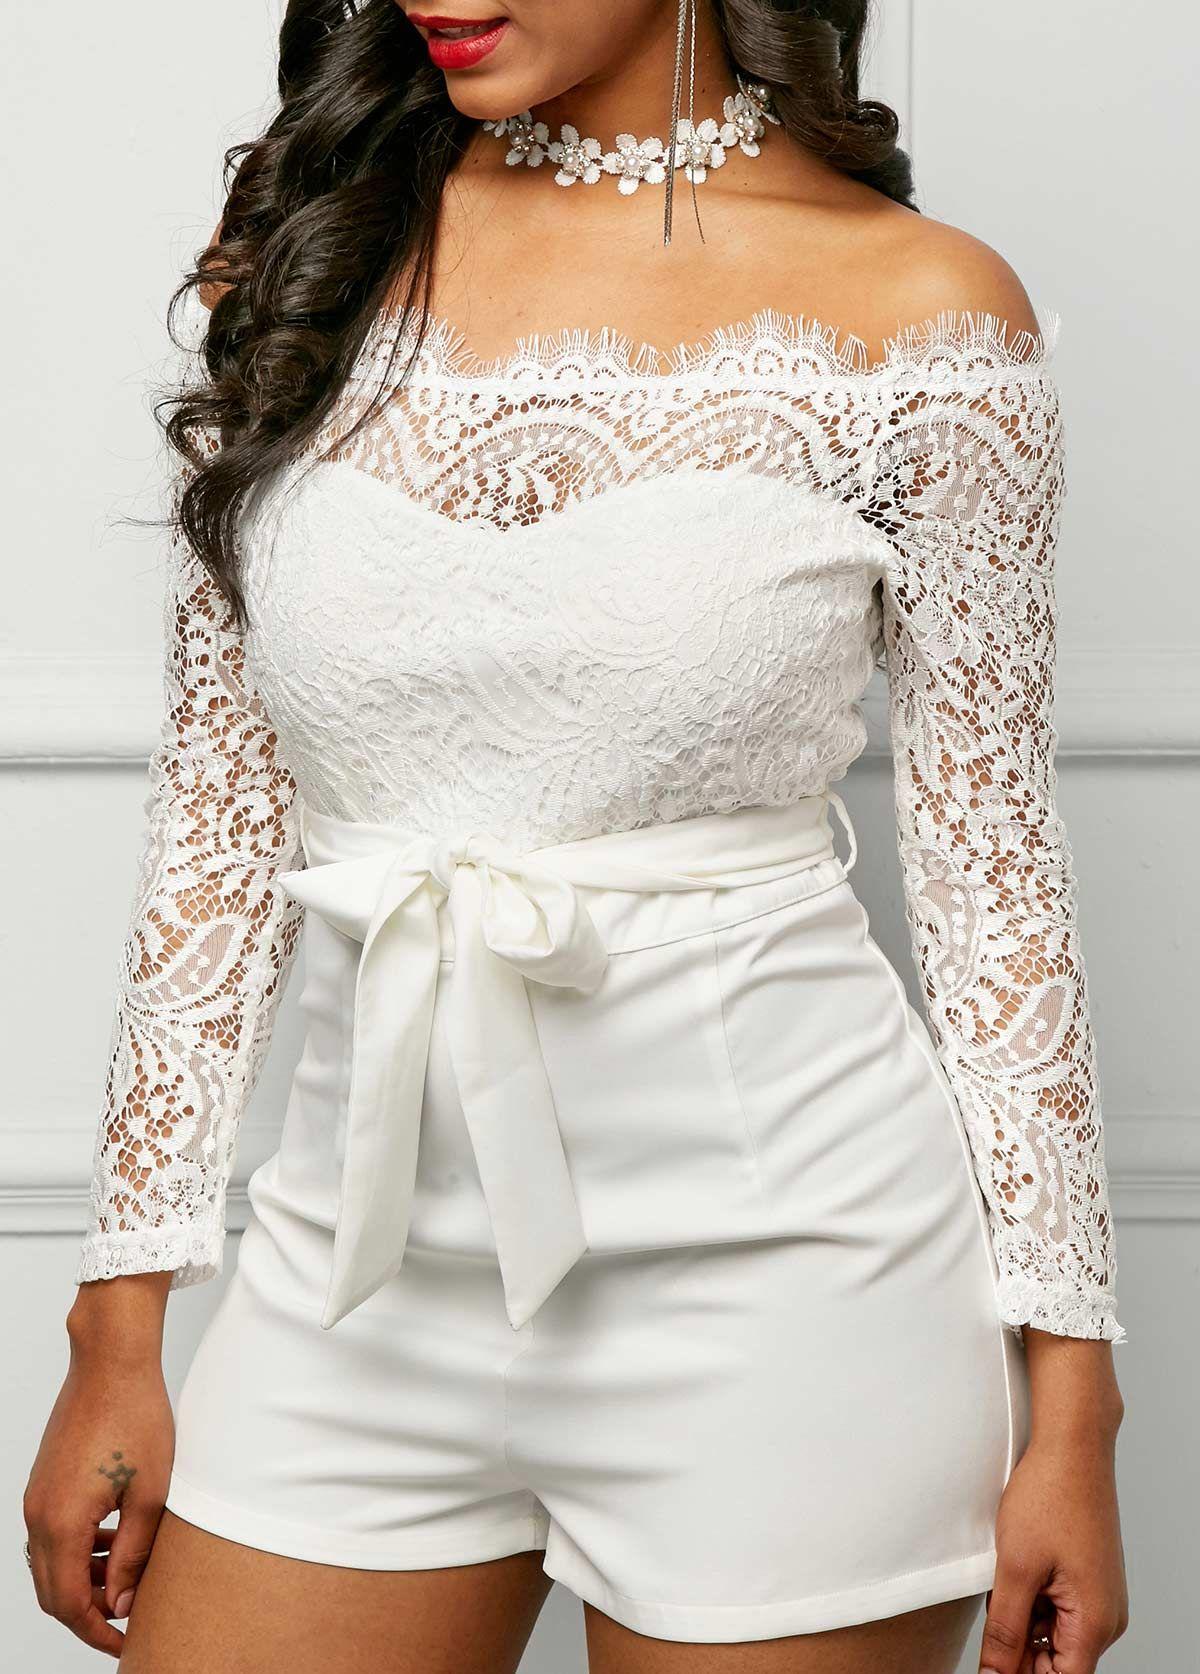 999eaa93f67 Long Sleeve Lace Panel White Bardot Romper